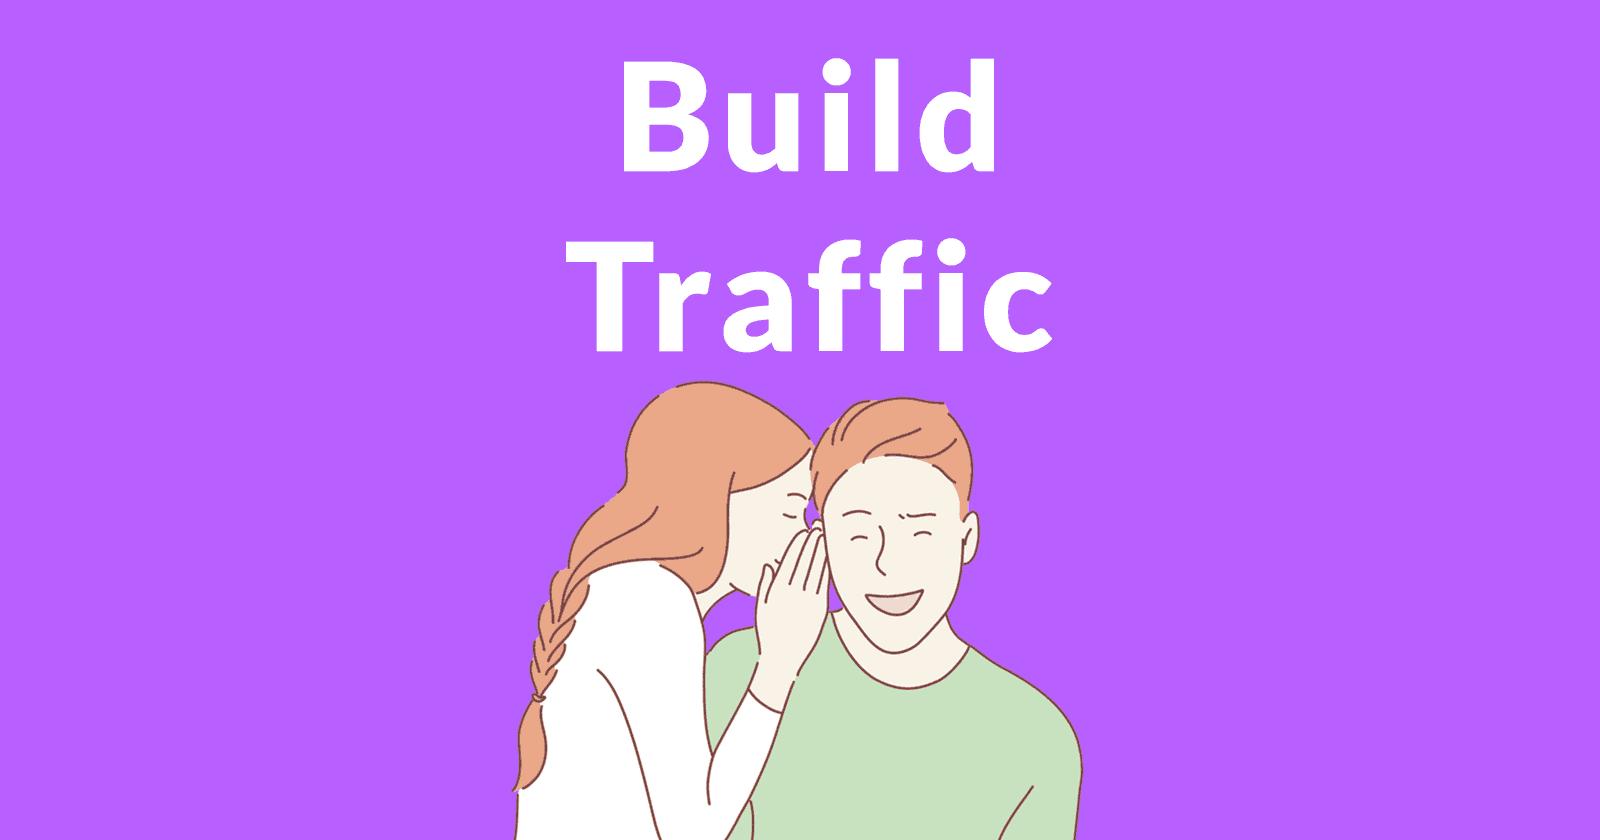 Cách xây dựng lưu lượng truy cập đến trang web mới hoặc đang gặp khó khăn